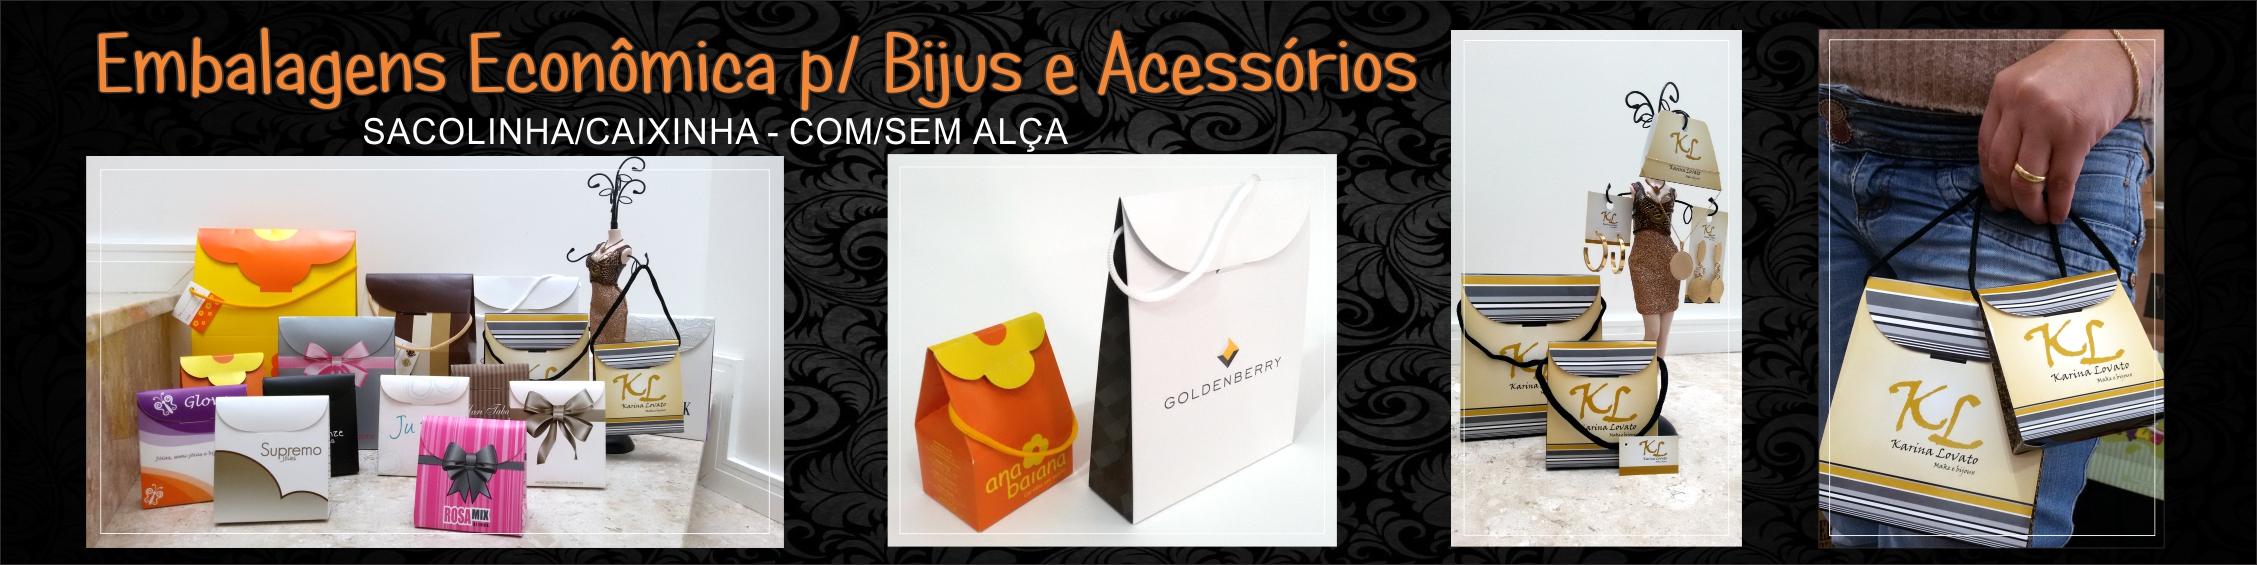 officegraf_caixinha_alca